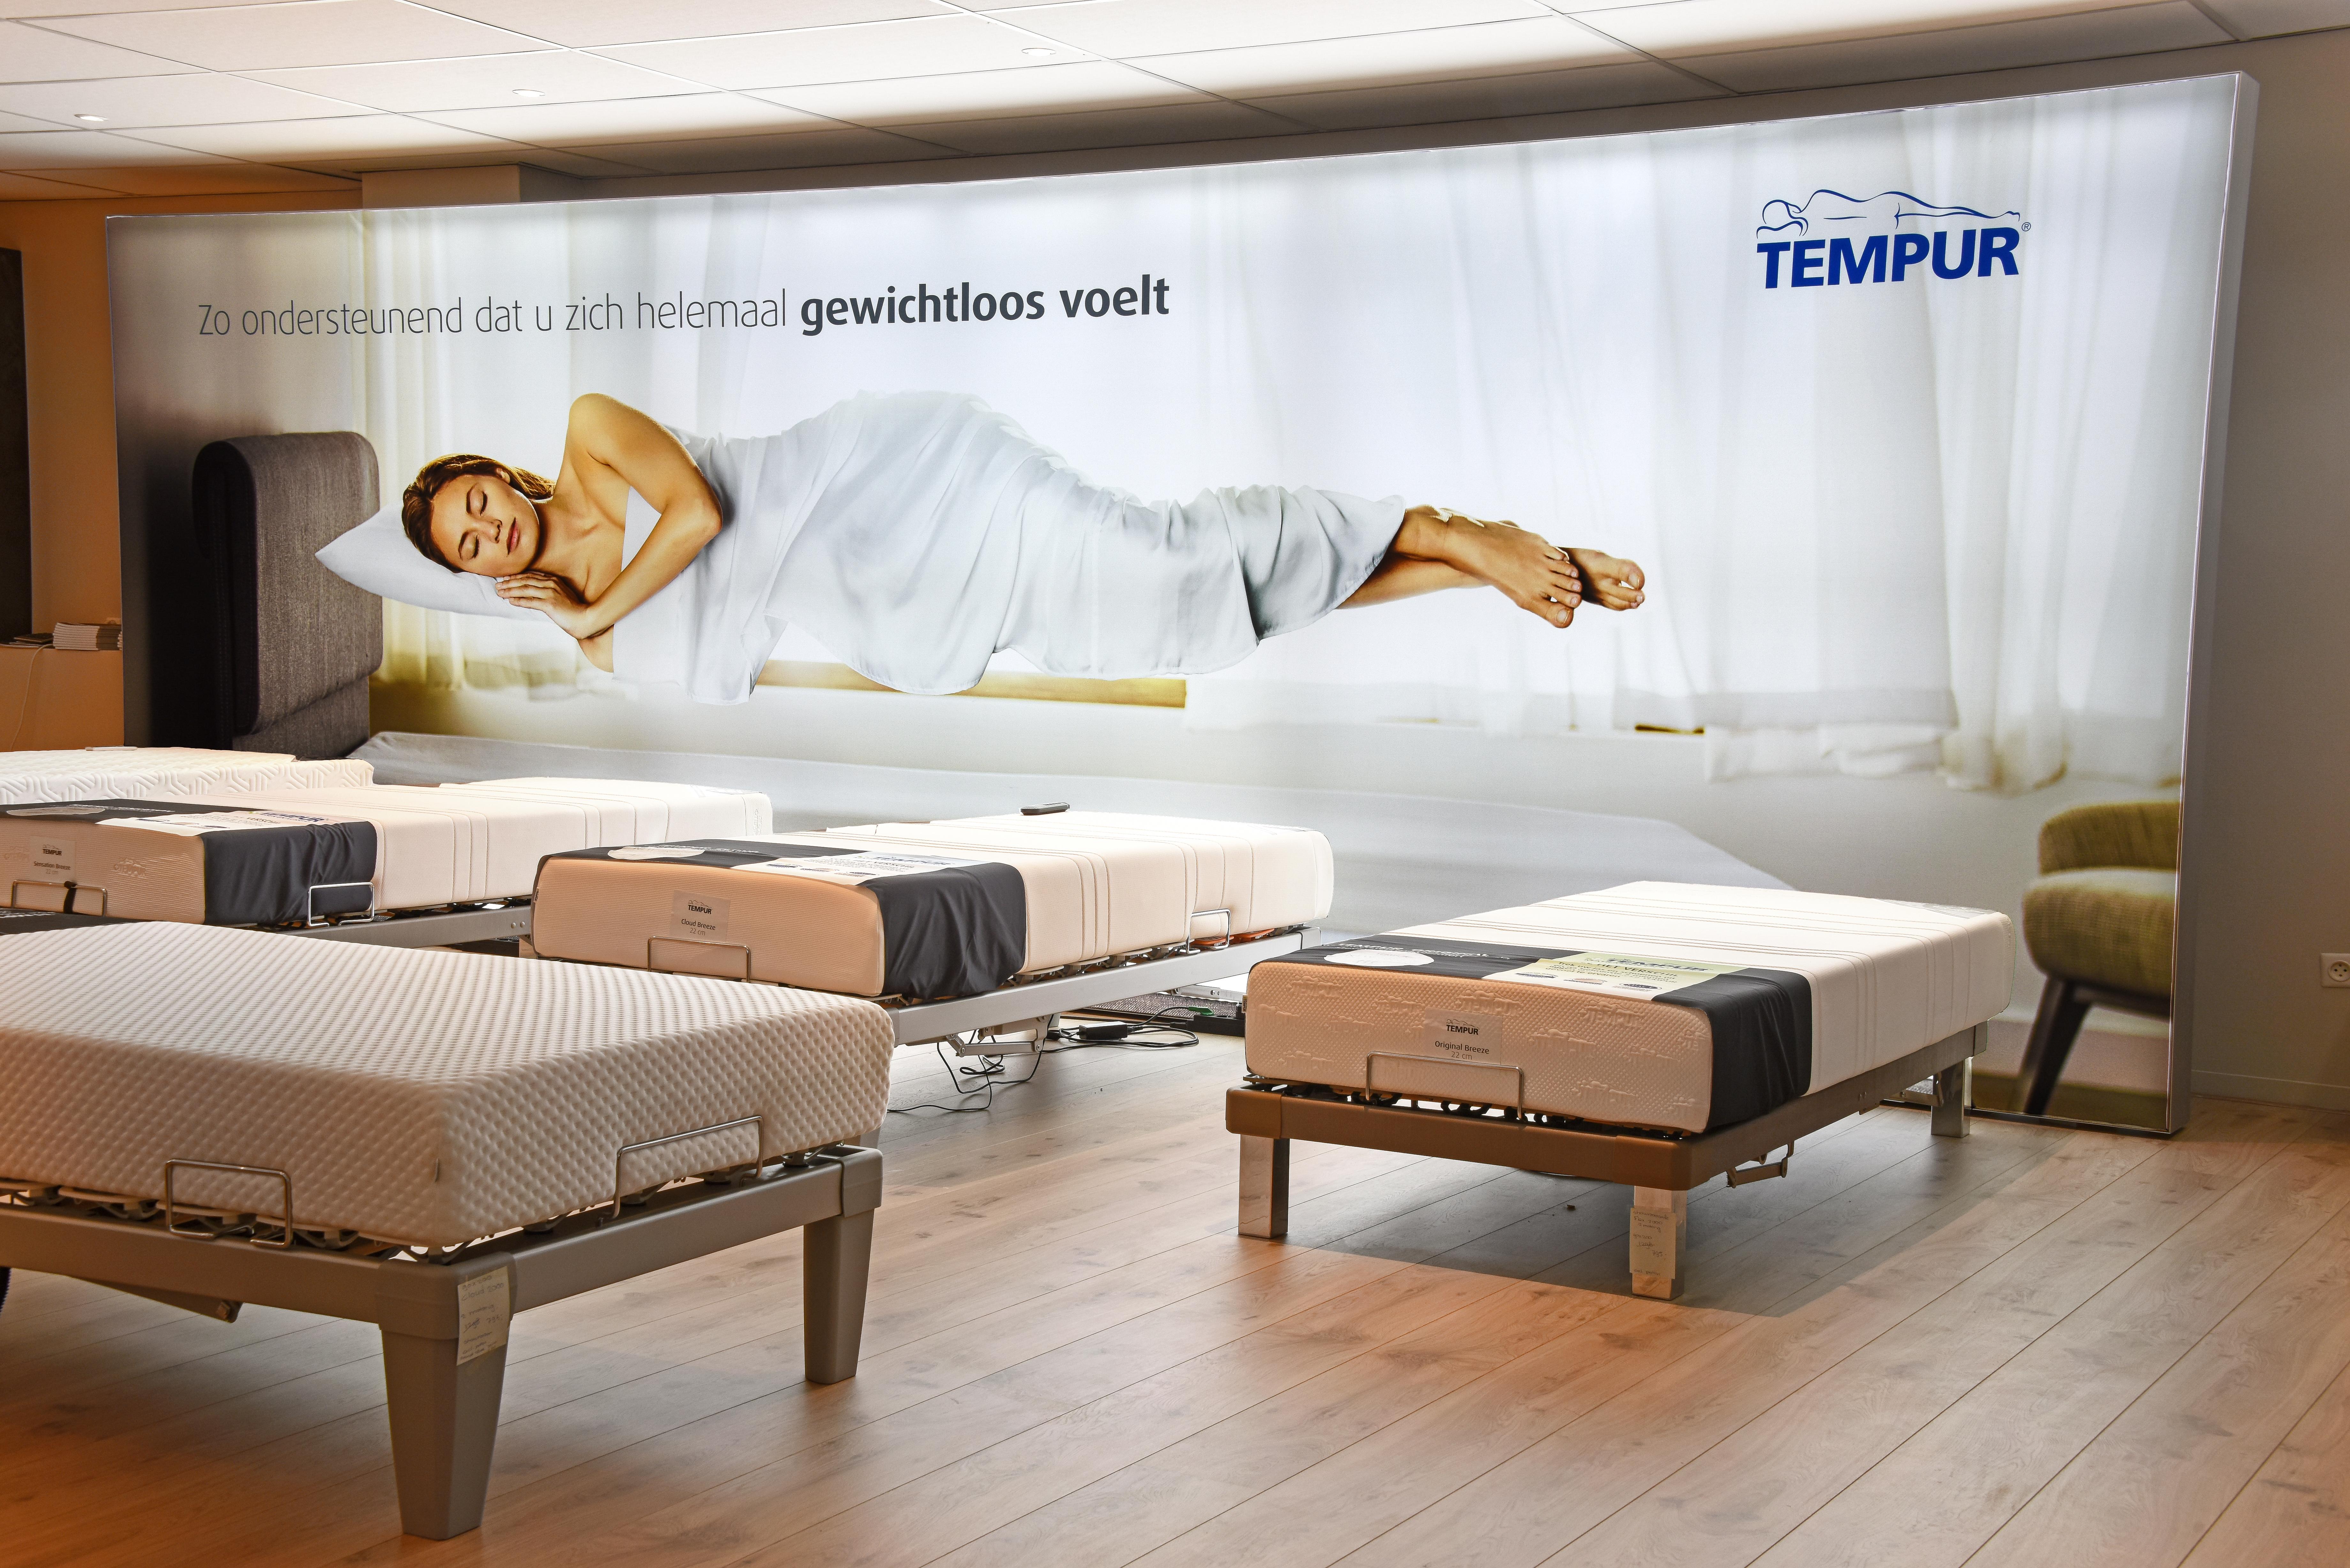 Tempur klinkers wonen en slapen